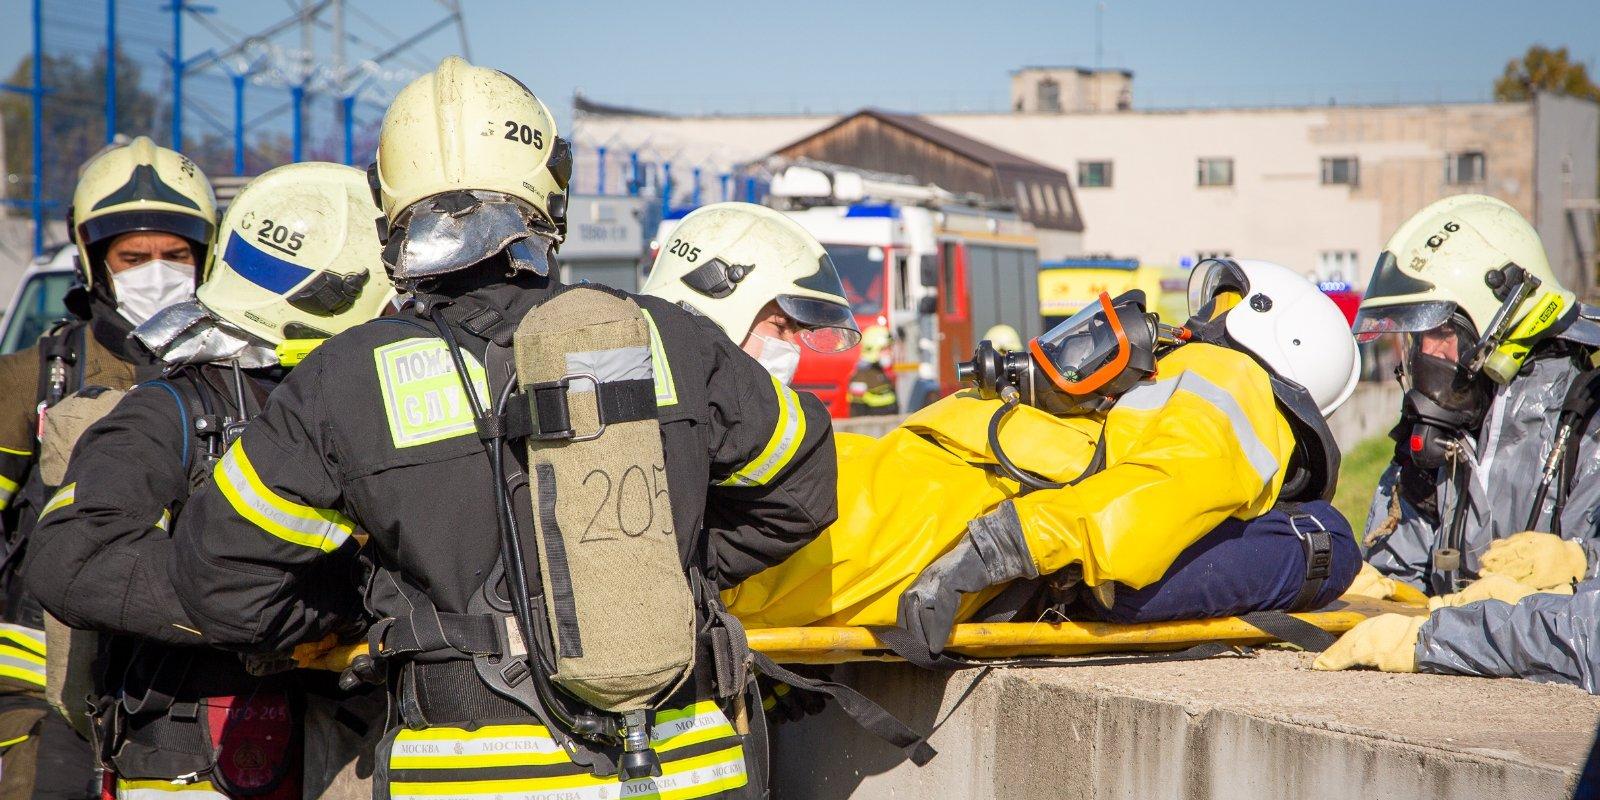 Столичные пожарные и спасатели ликвидировали условное чрезвычайное происшествие на территории ТЭЦ-25